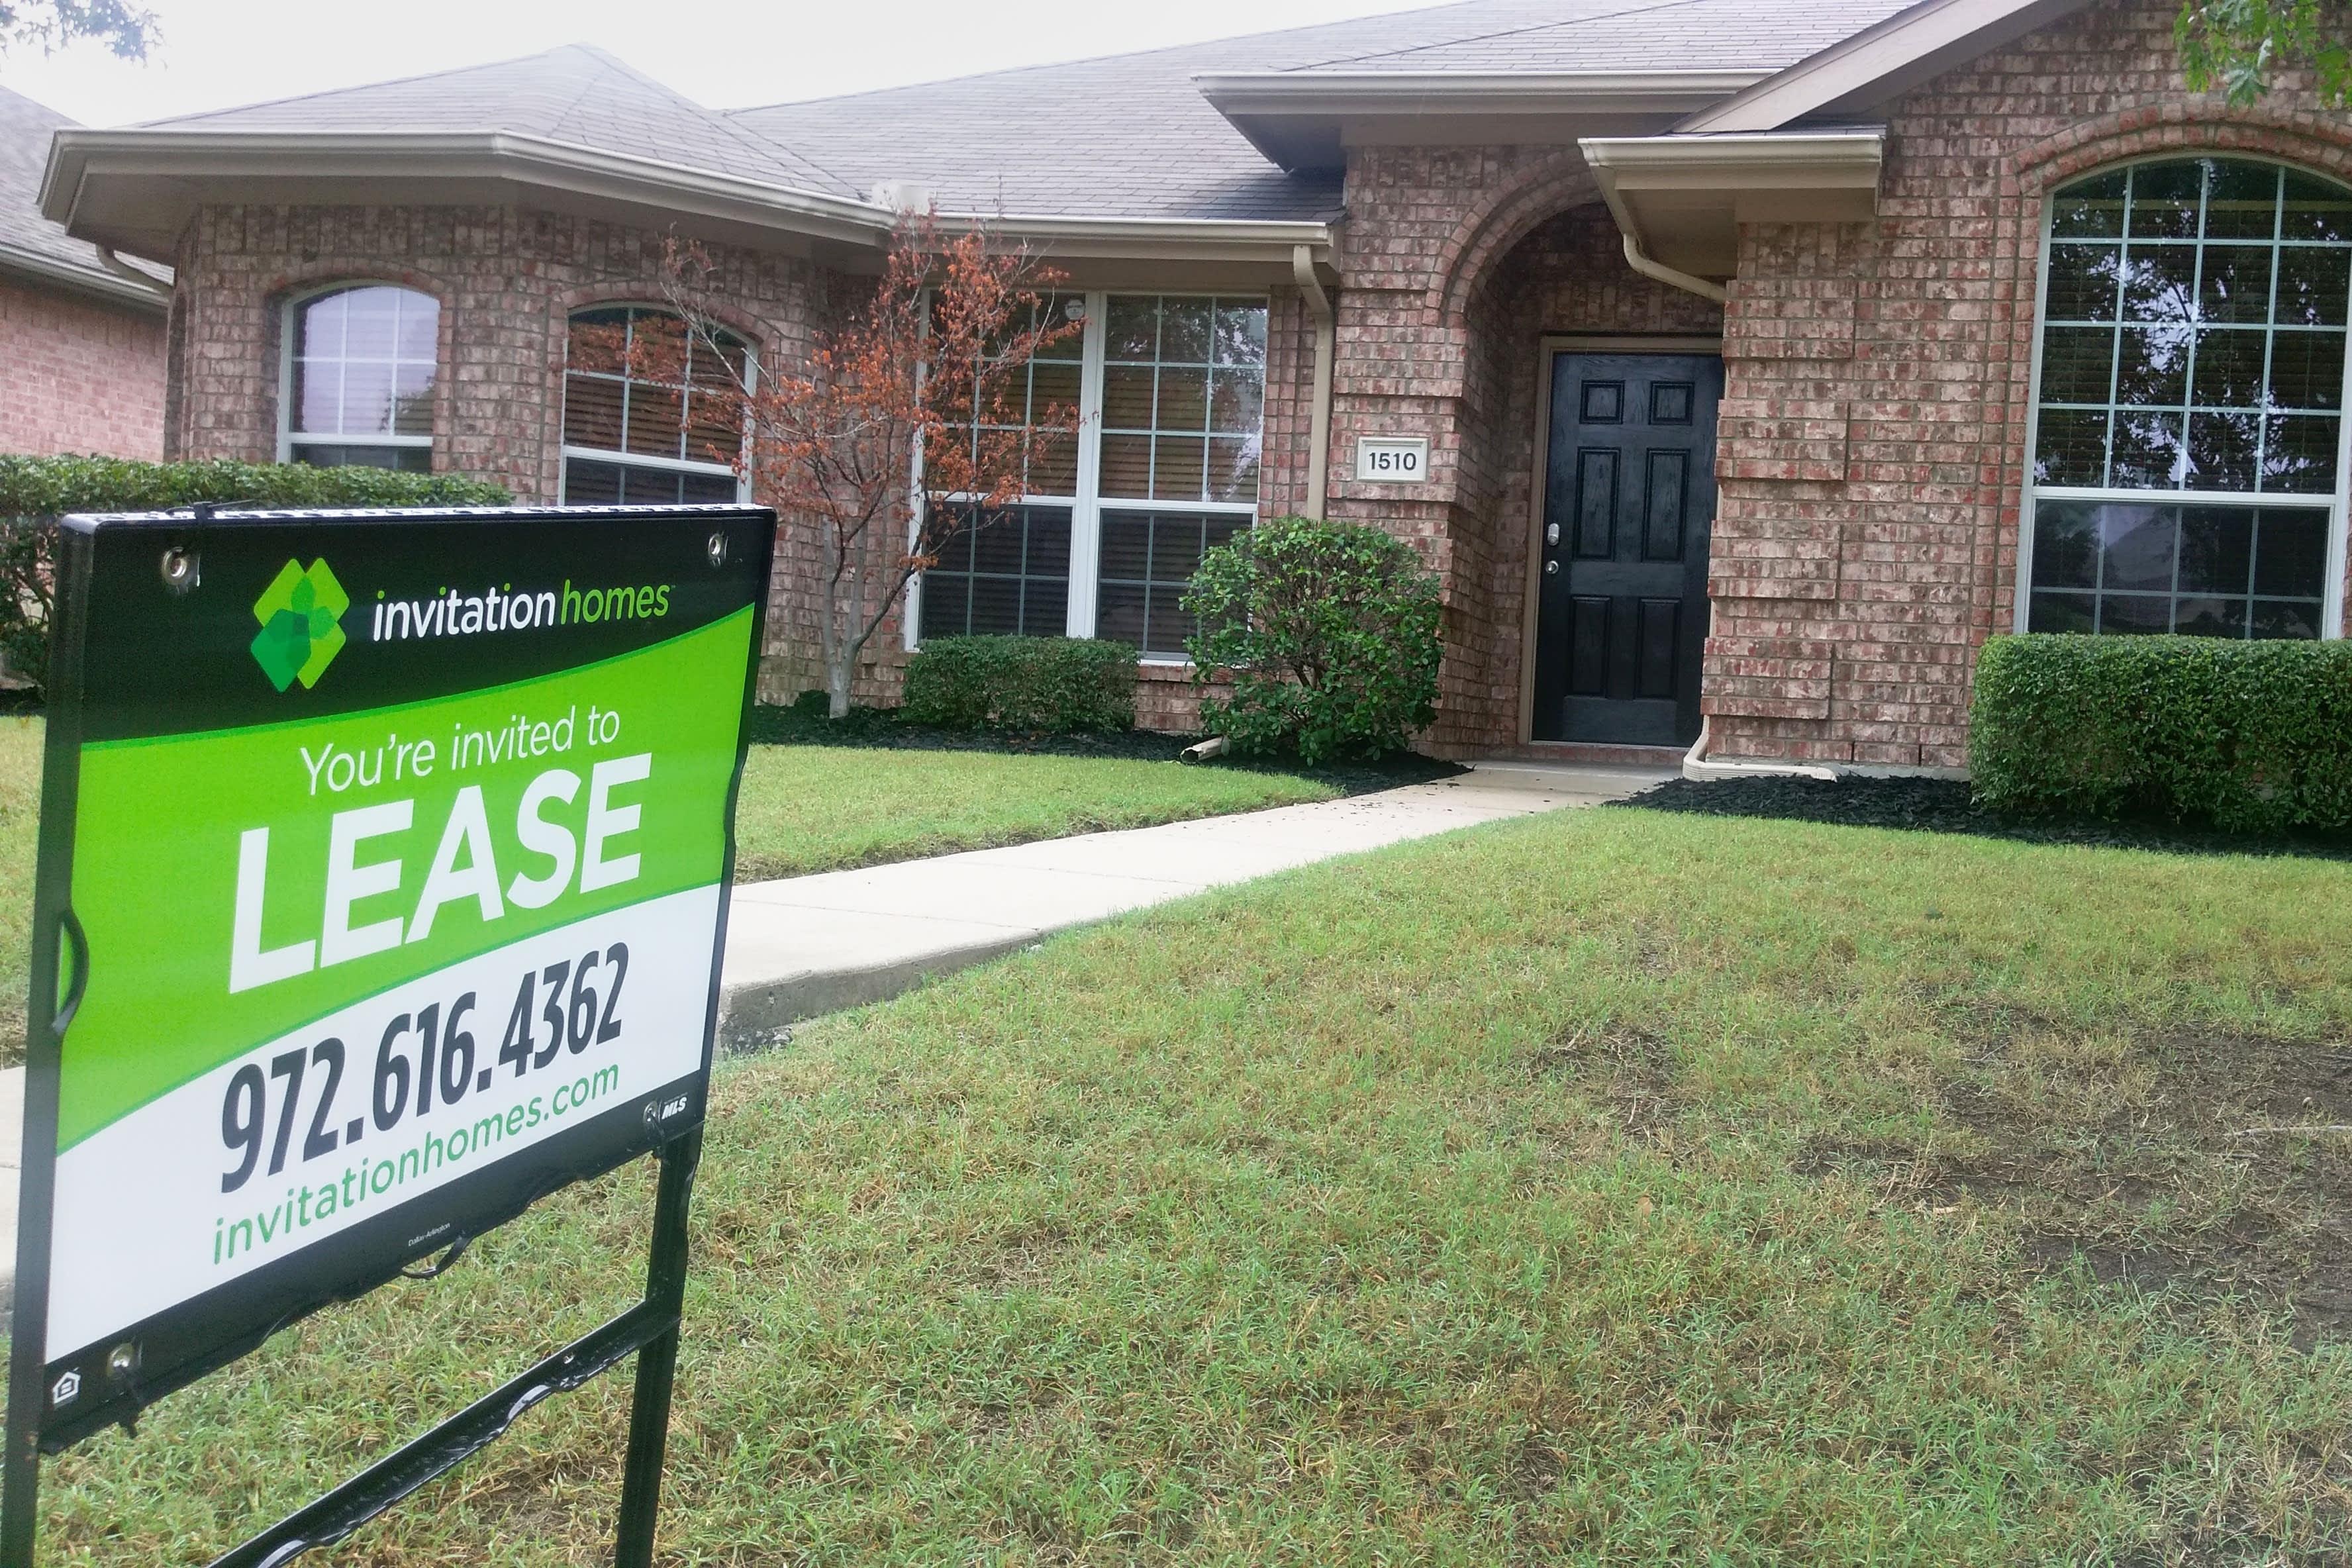 An Invitation Home in Dallas, Texas.